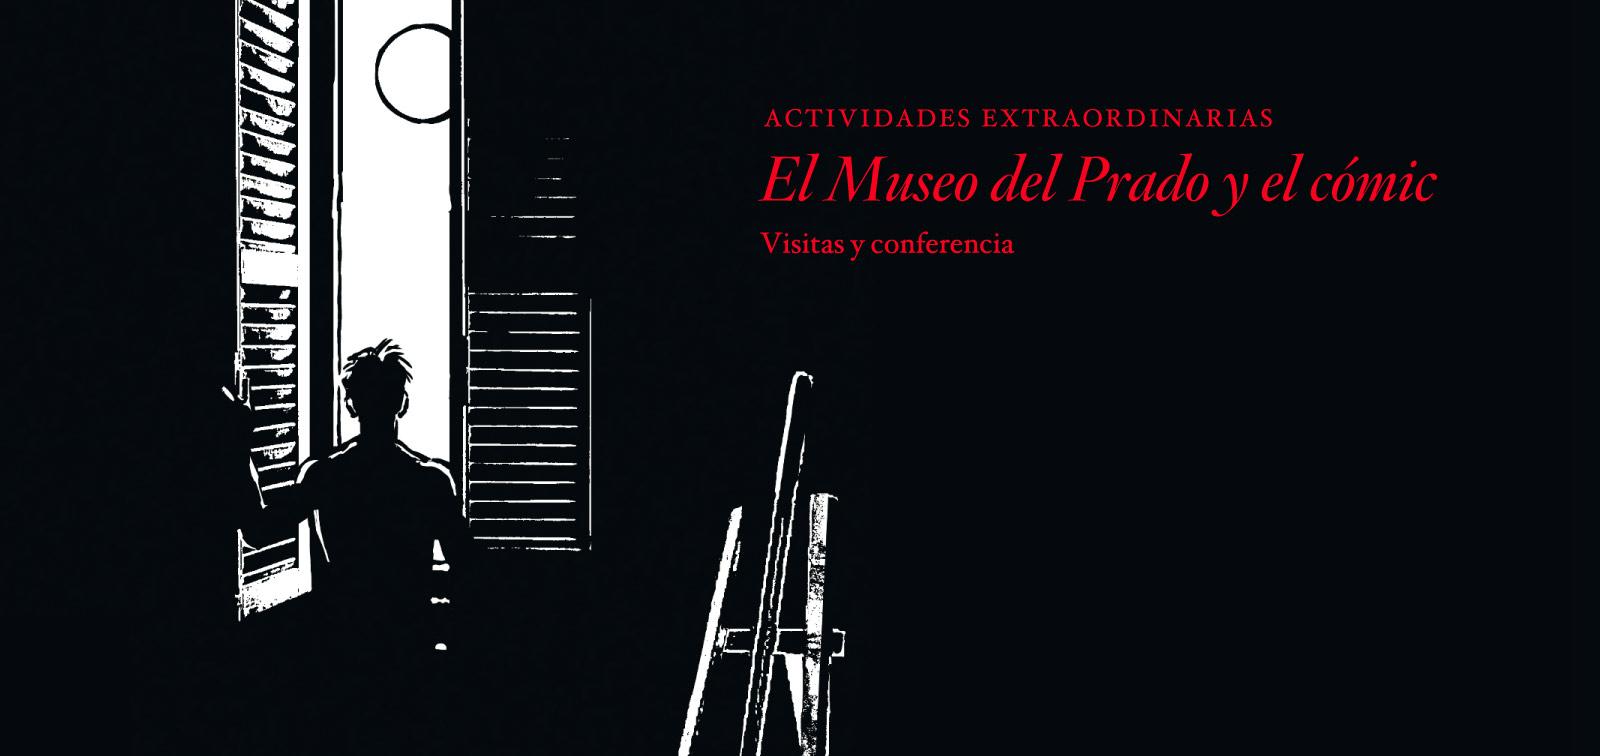 Visitas y conferencia. El Museo del Prado y el cómic